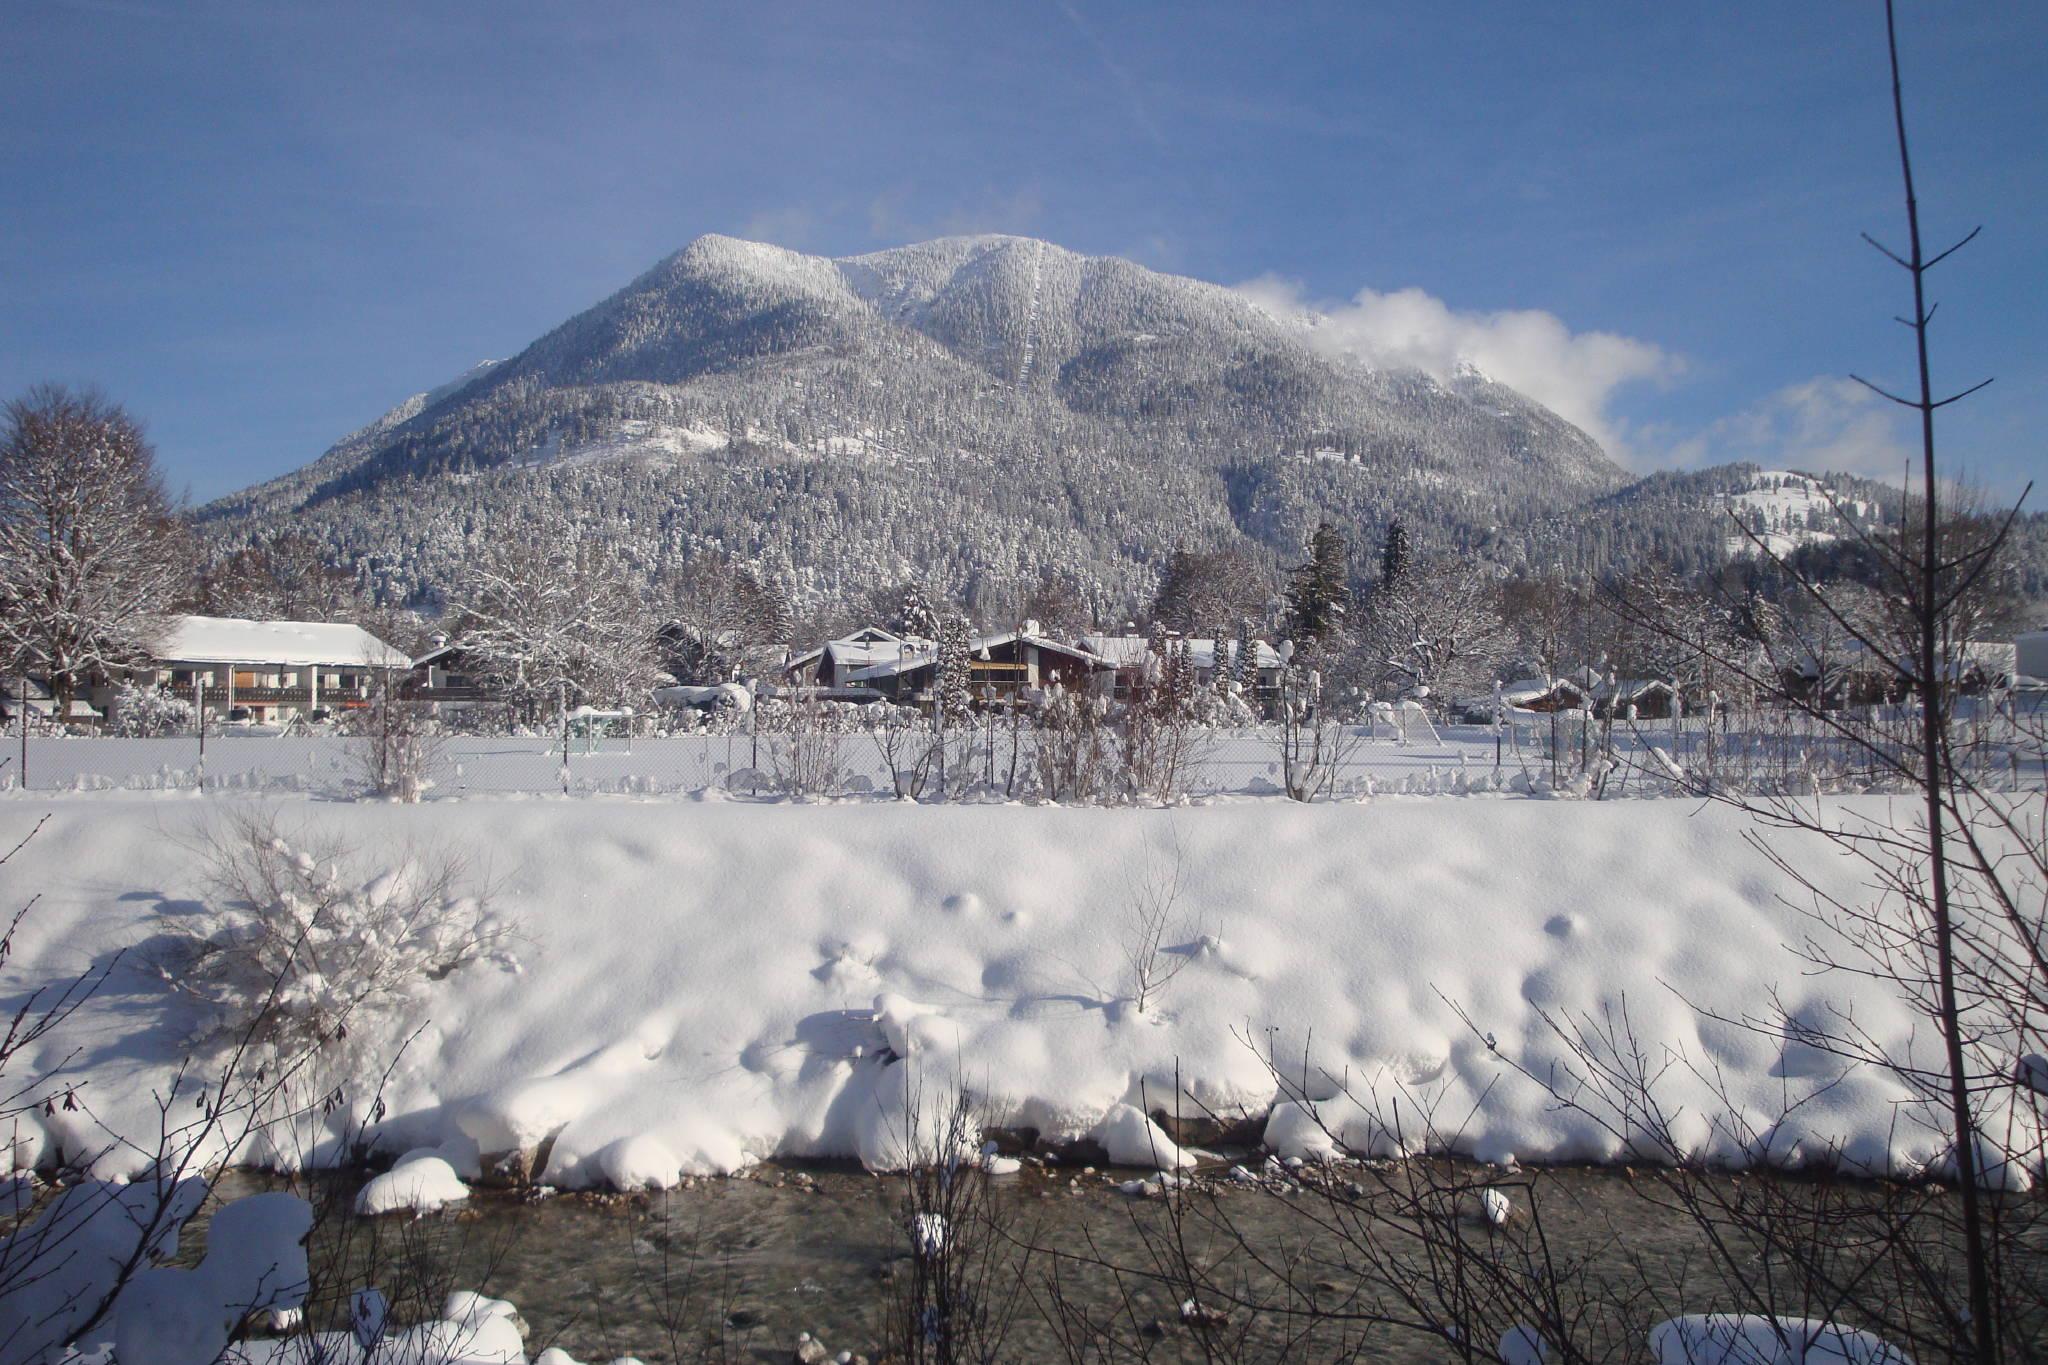 Blick vom Balkon aufs Wettersteingebirge